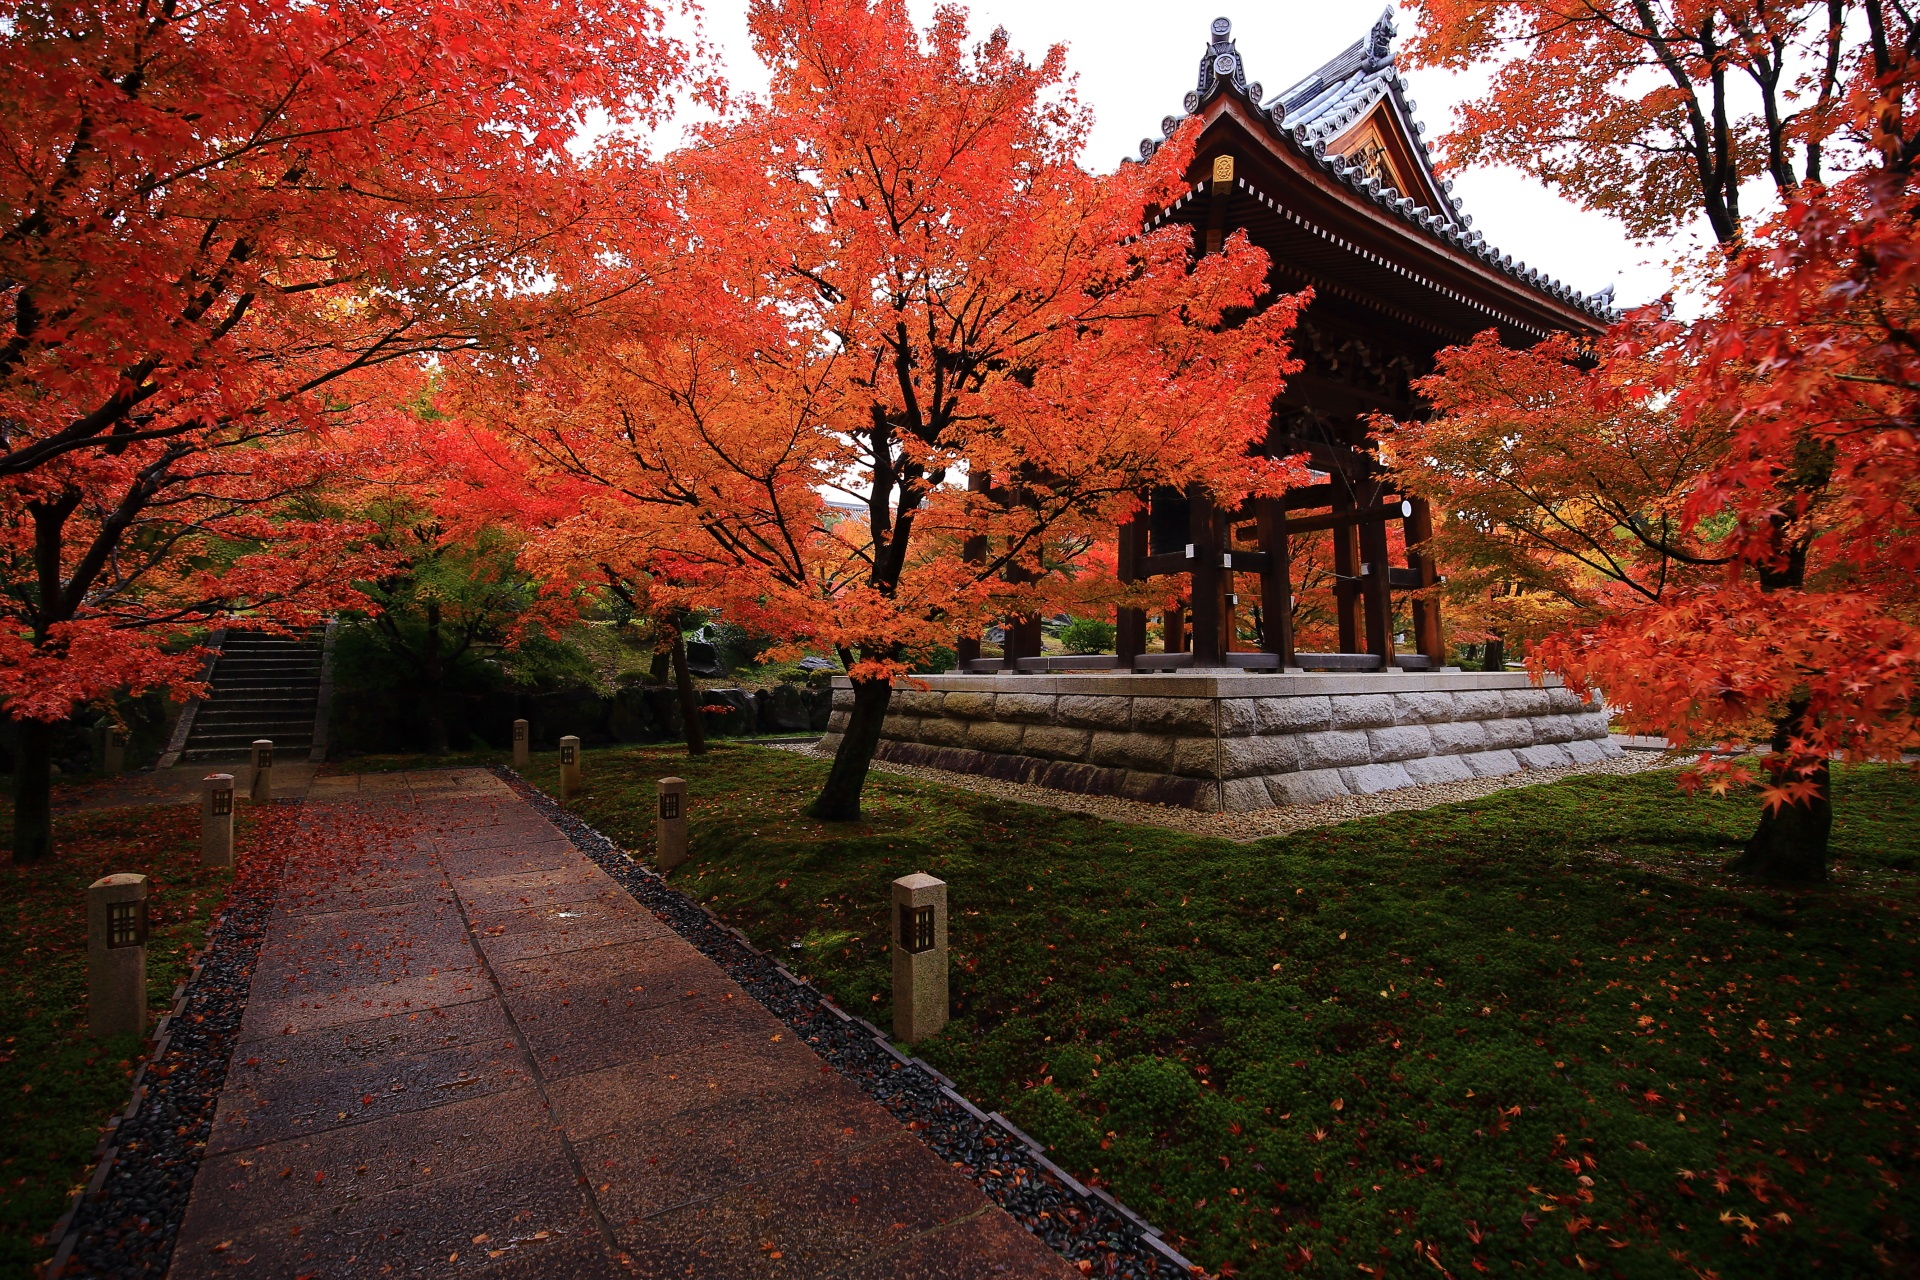 智積院の緑の苔と鐘楼を華やぐ絶品の紅葉